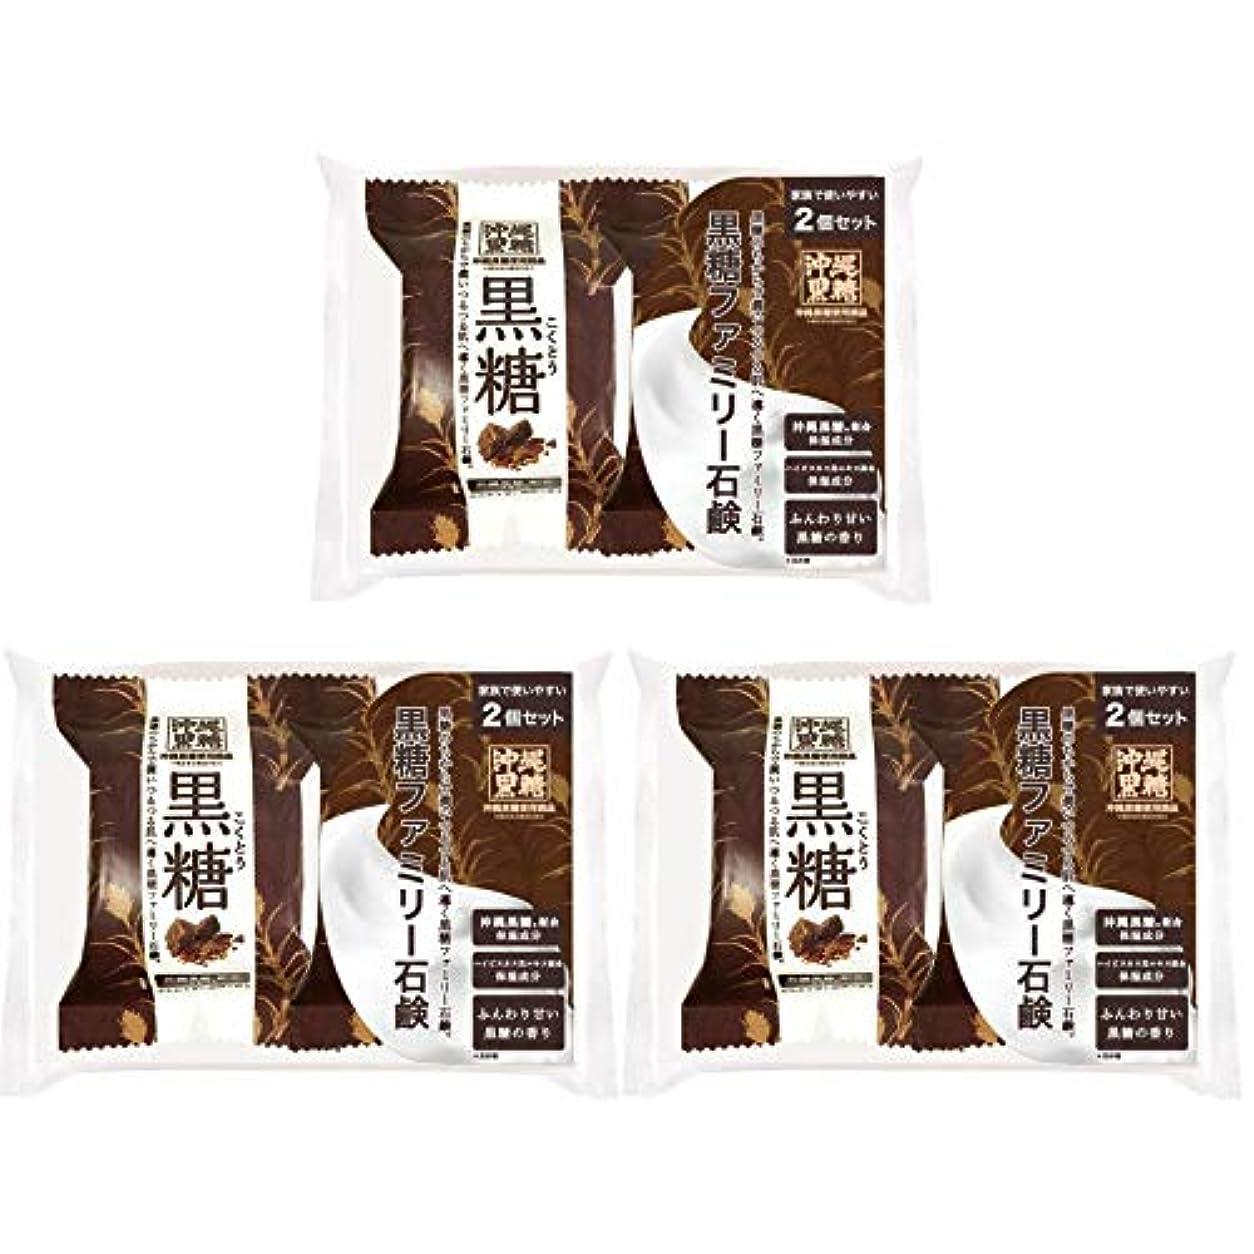 持参いらいらするクローン【3個セット】ペリカン石鹸 ファミリー黒糖石鹸 80g×2個